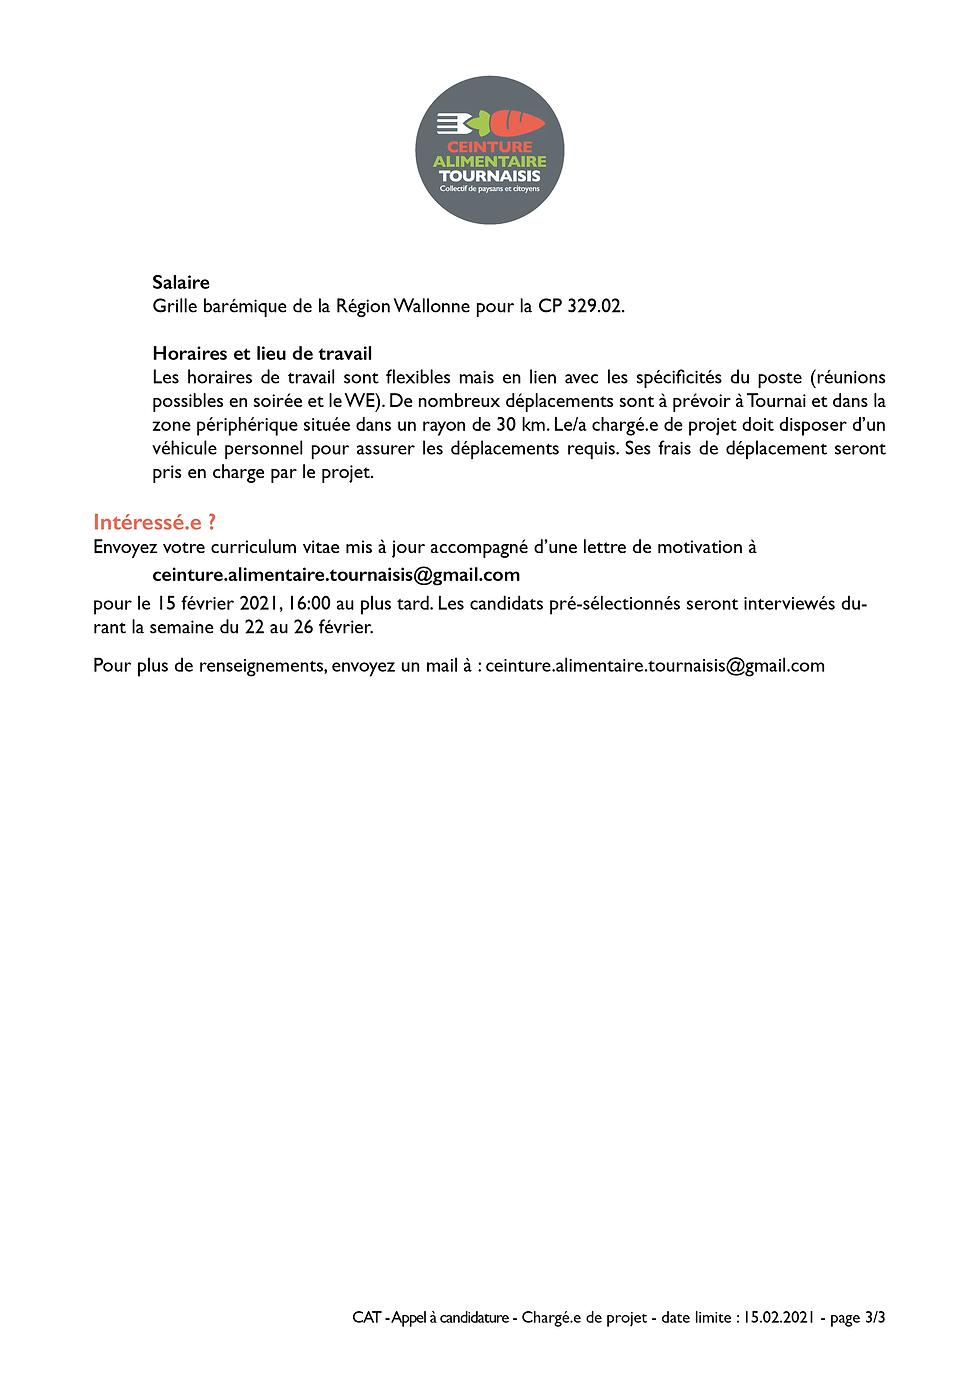 CAT-Profil chargé projet3.png